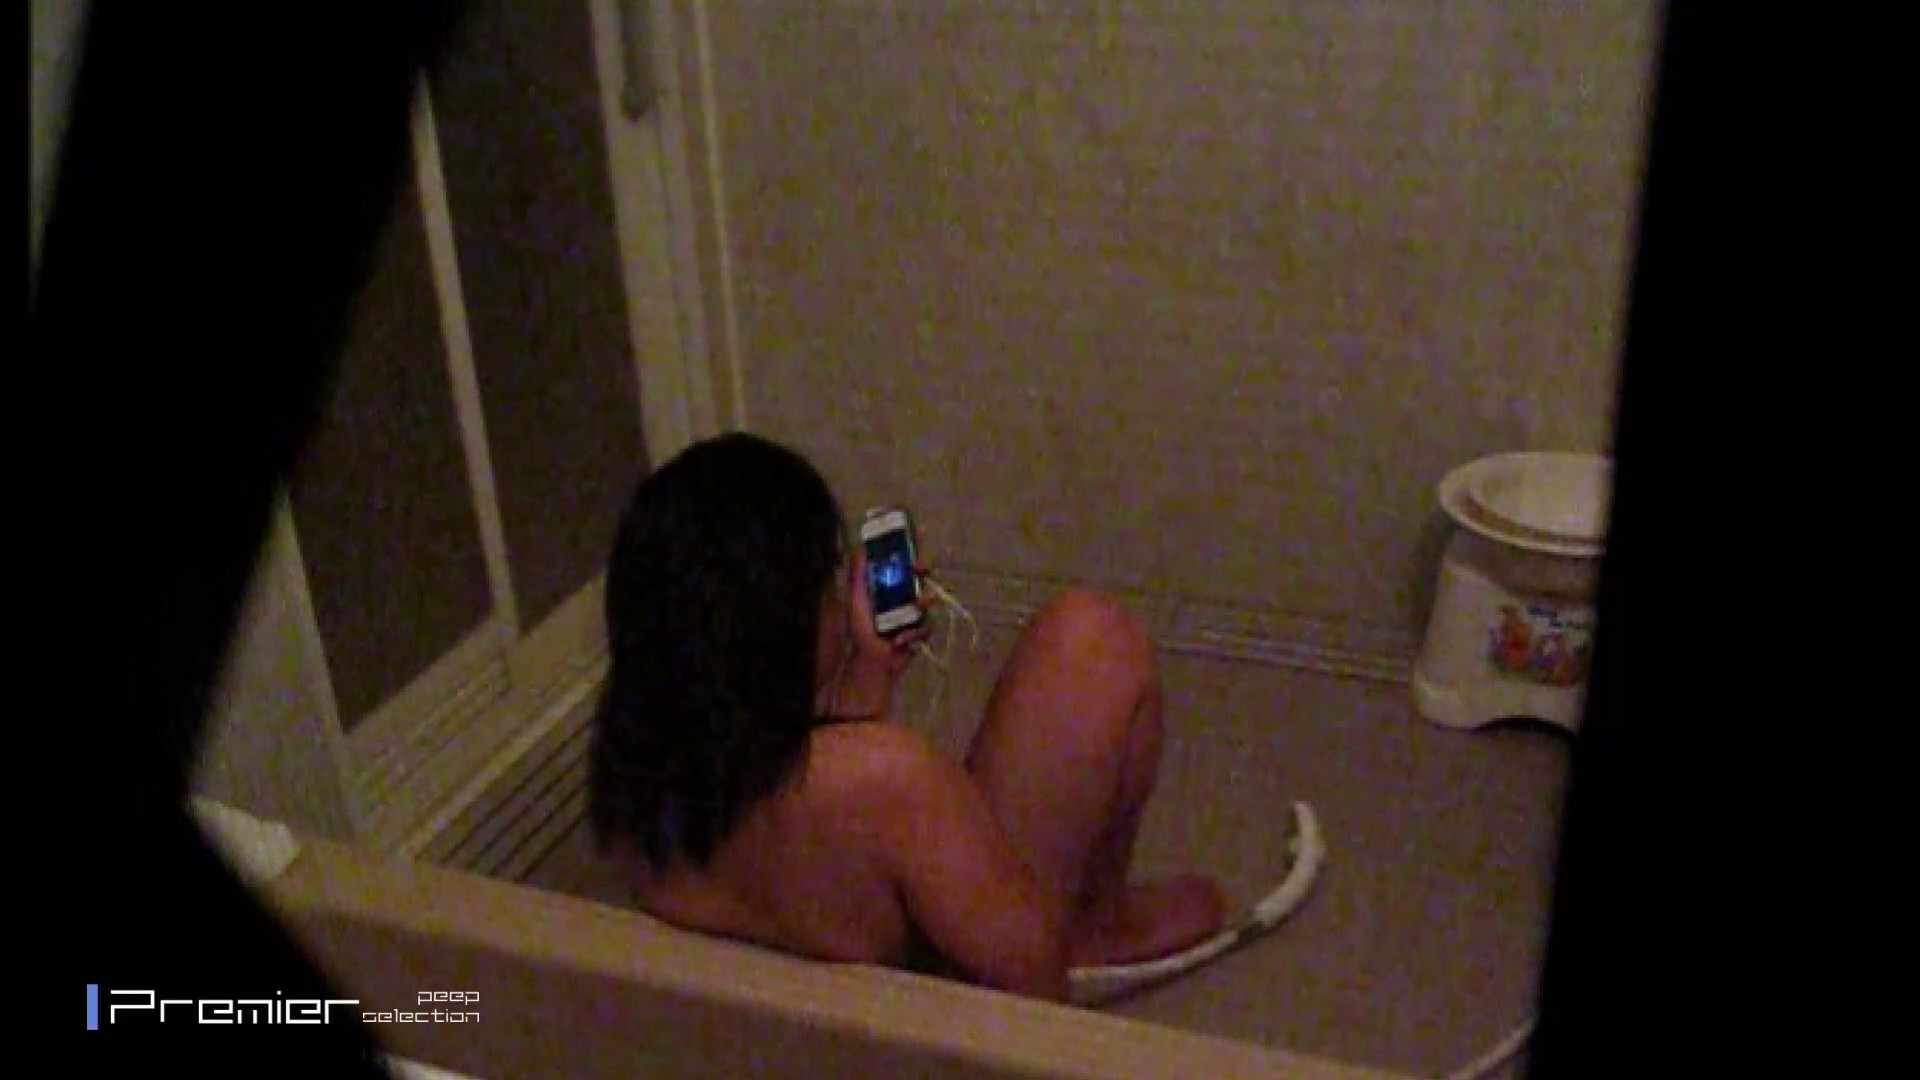 携帯触りなが満子をいじる 乙女の風呂場 Vol.19 細身女性 ヌード画像 76画像 4